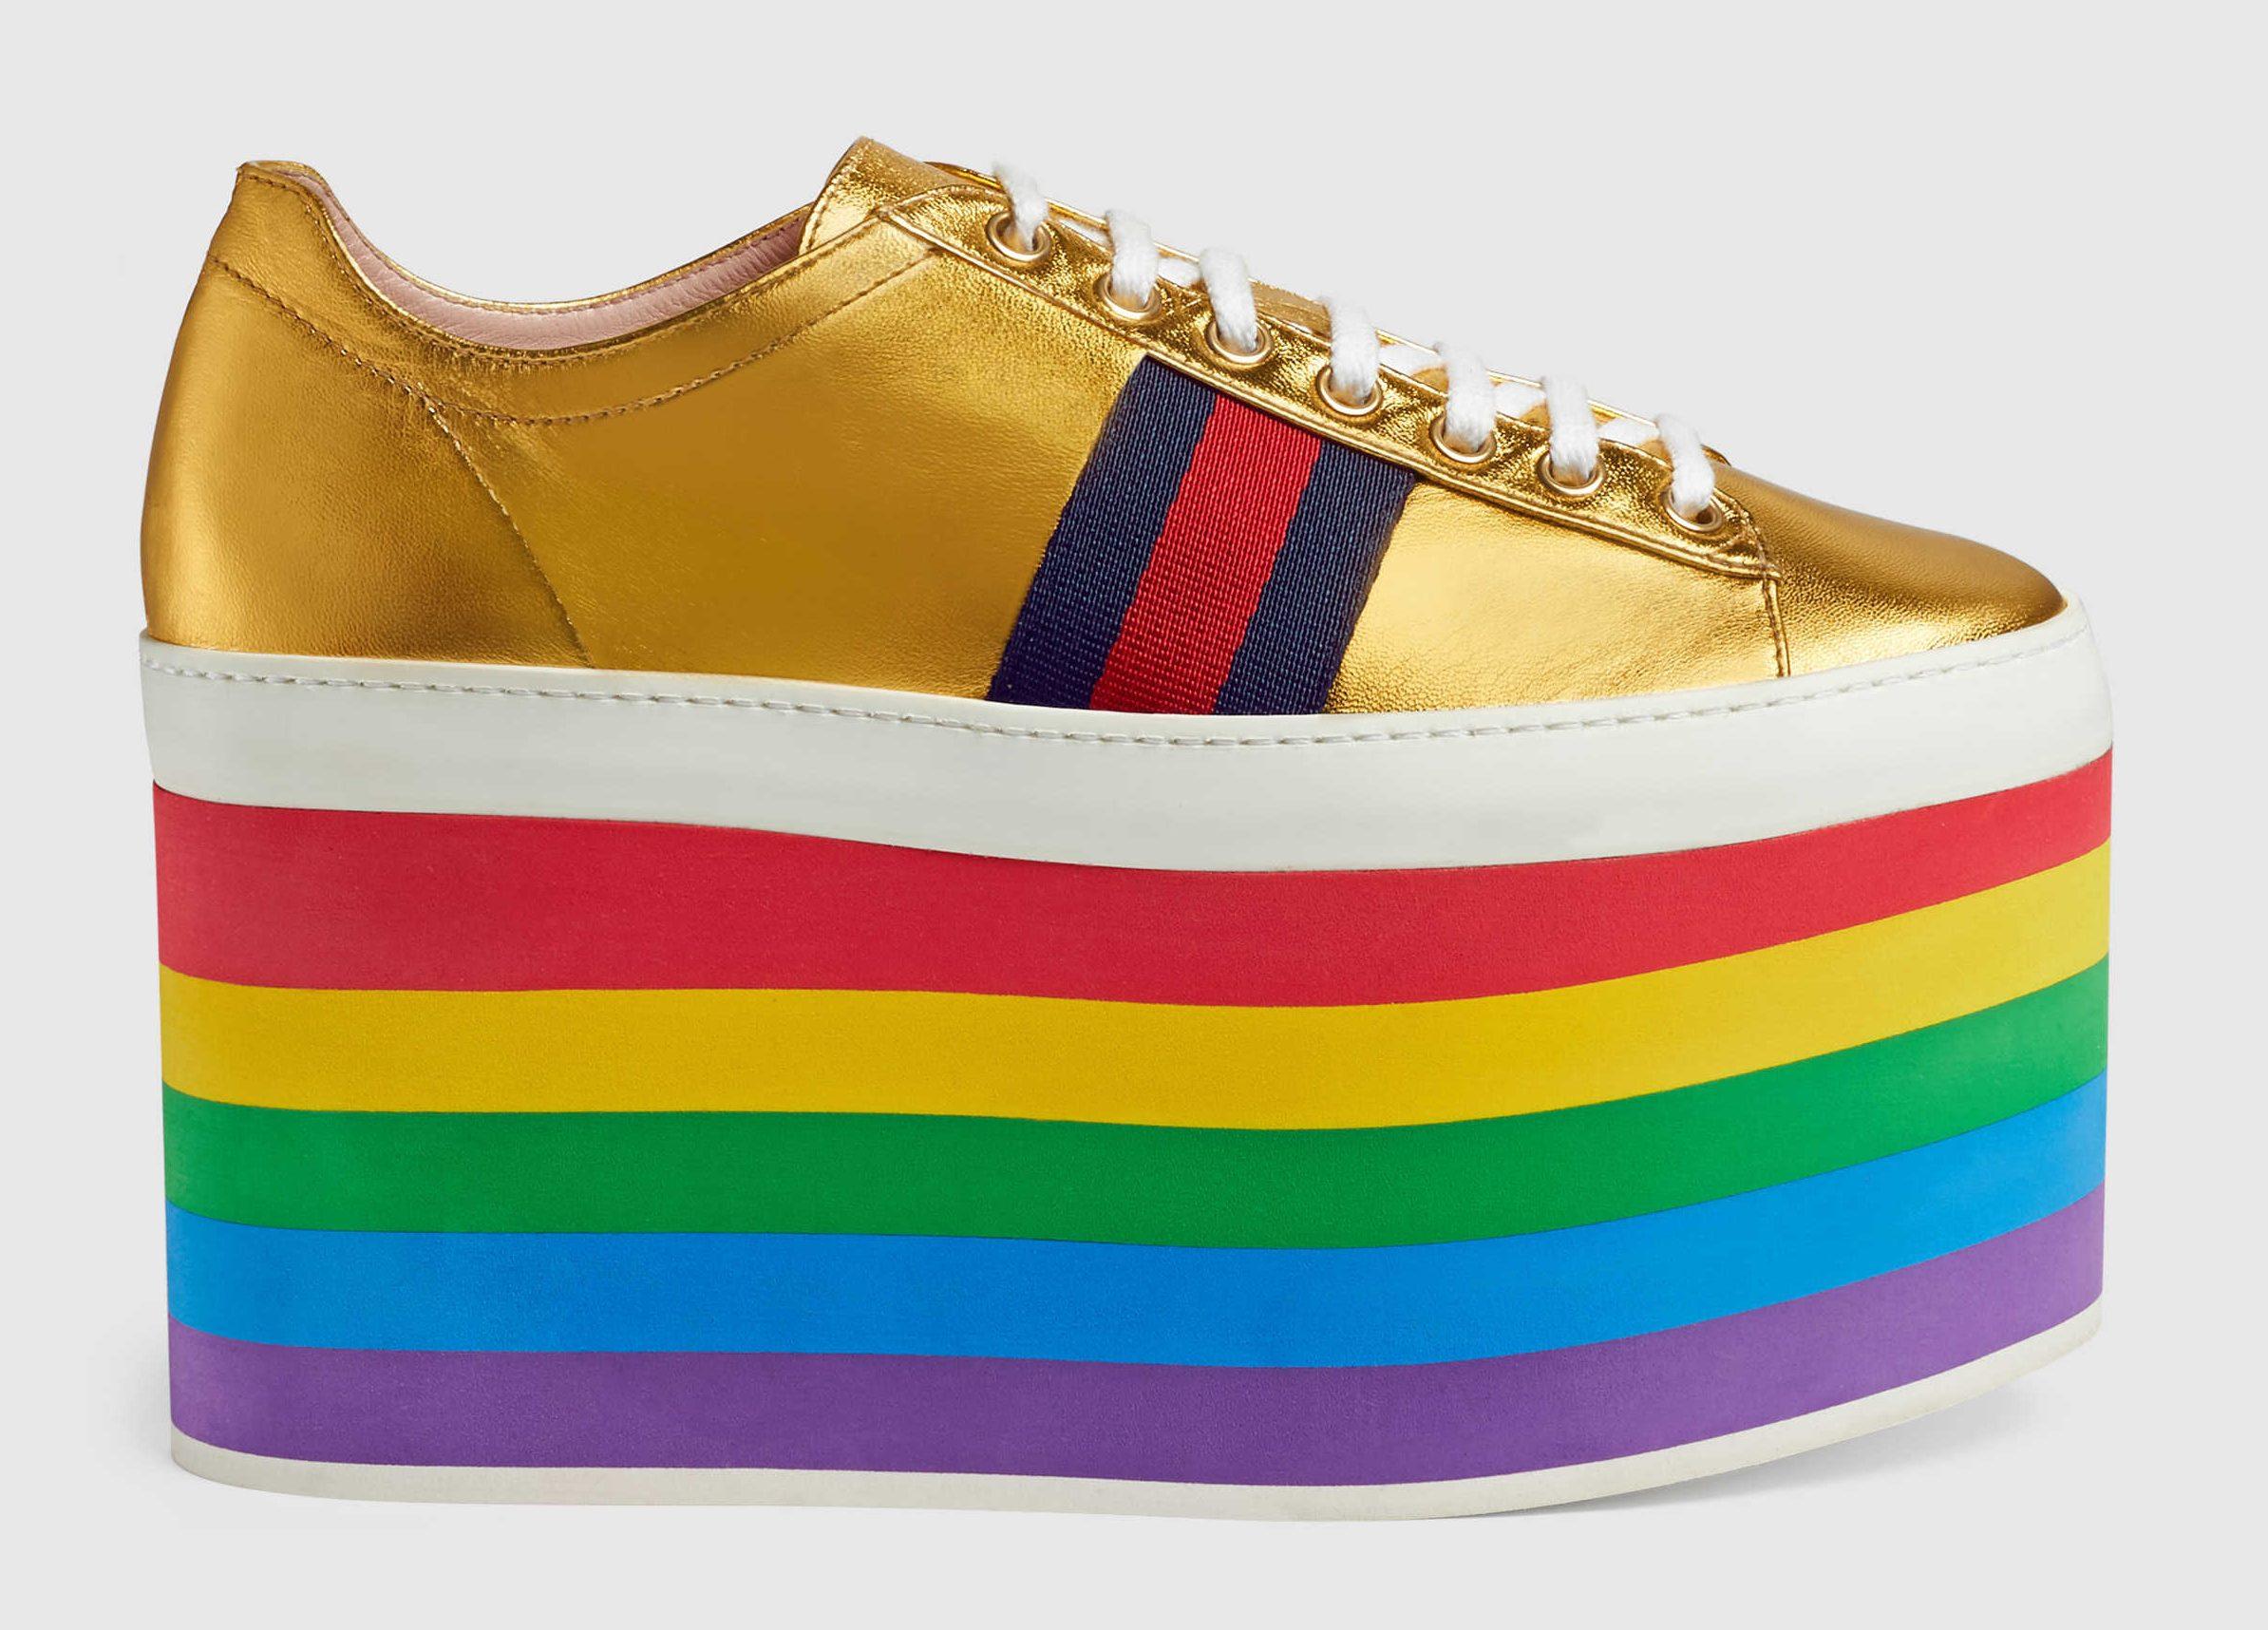 Şov Meraklılarına Gucci'den Onur Haftasına Özel Sneakerlar!